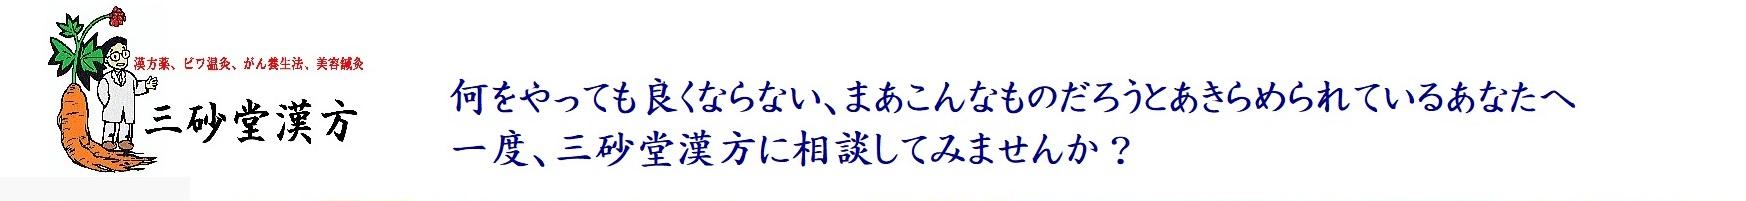 漢方薬・美容鍼灸・びわ温灸の三砂堂漢方-大阪府堺市